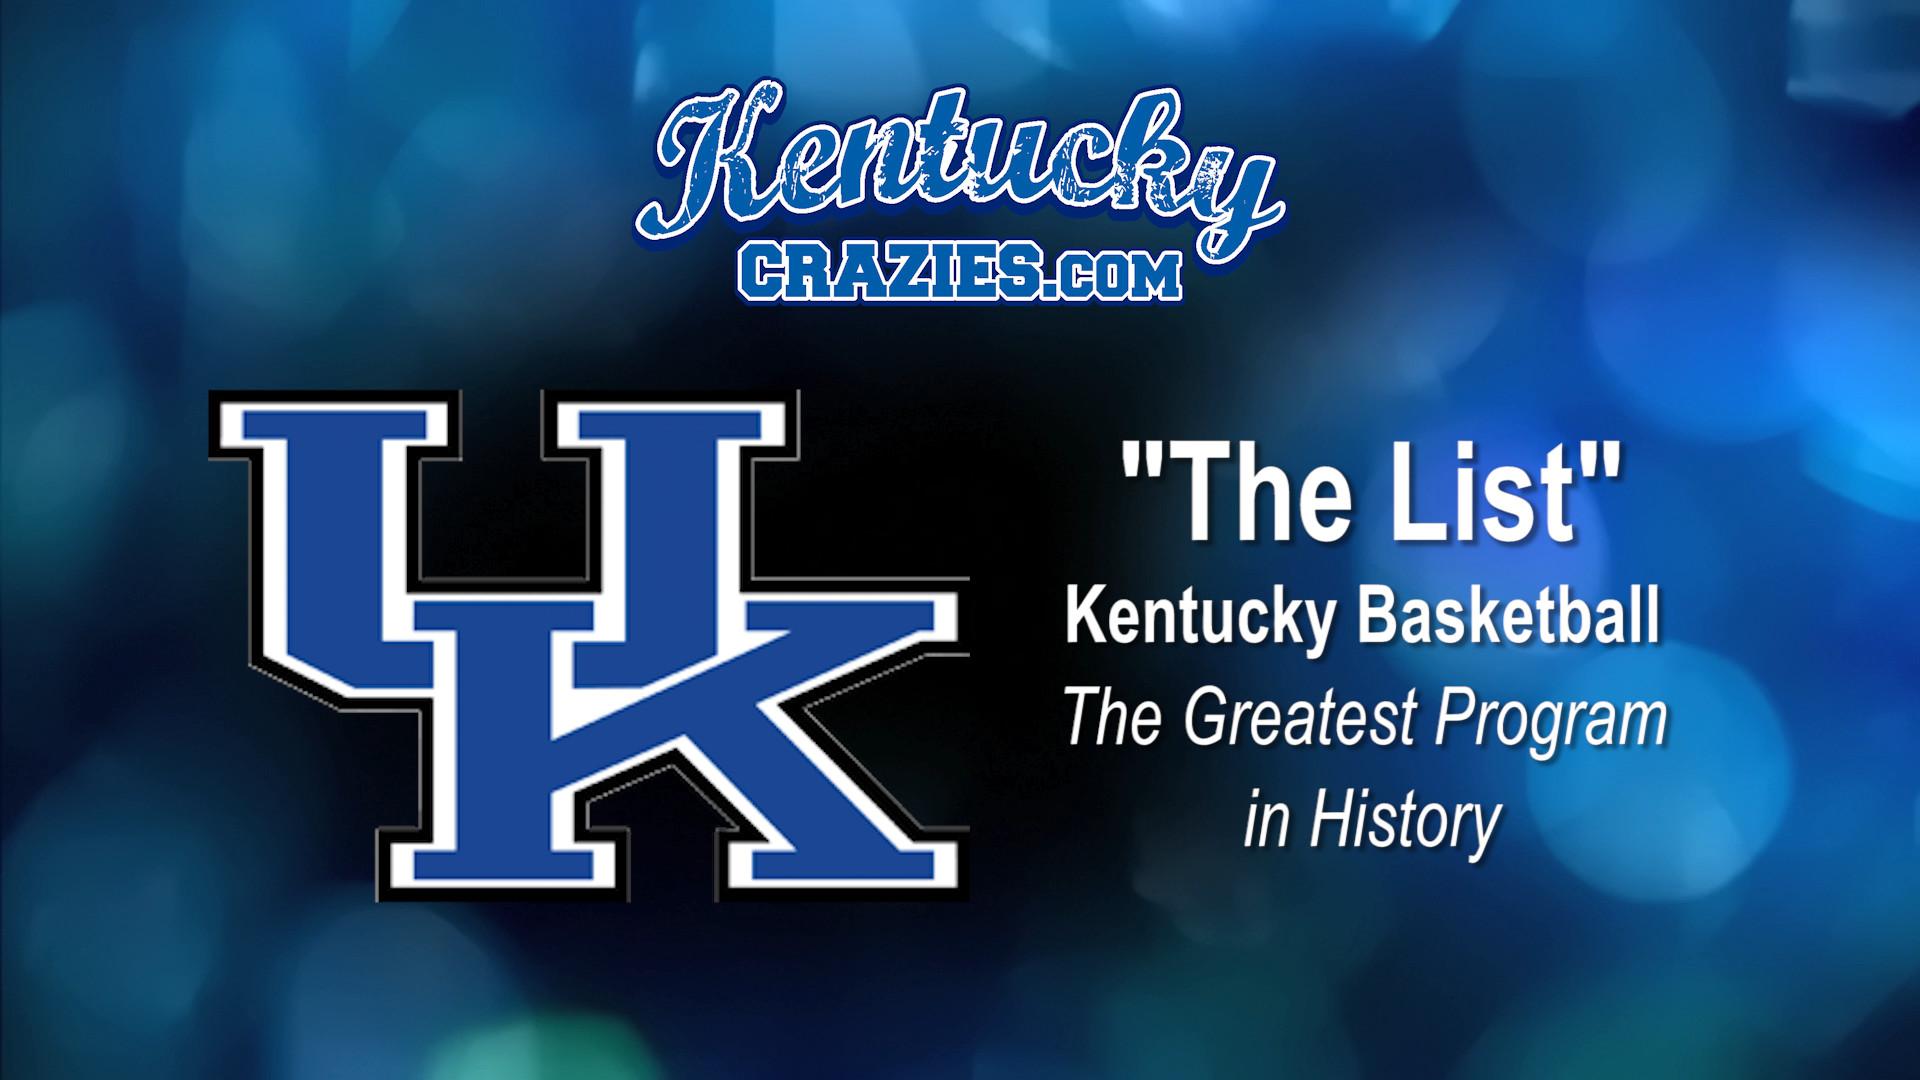 Kentucky Wildcats Wallpapers: Kentucky Wildcats Wallpapers (61+ Pictures